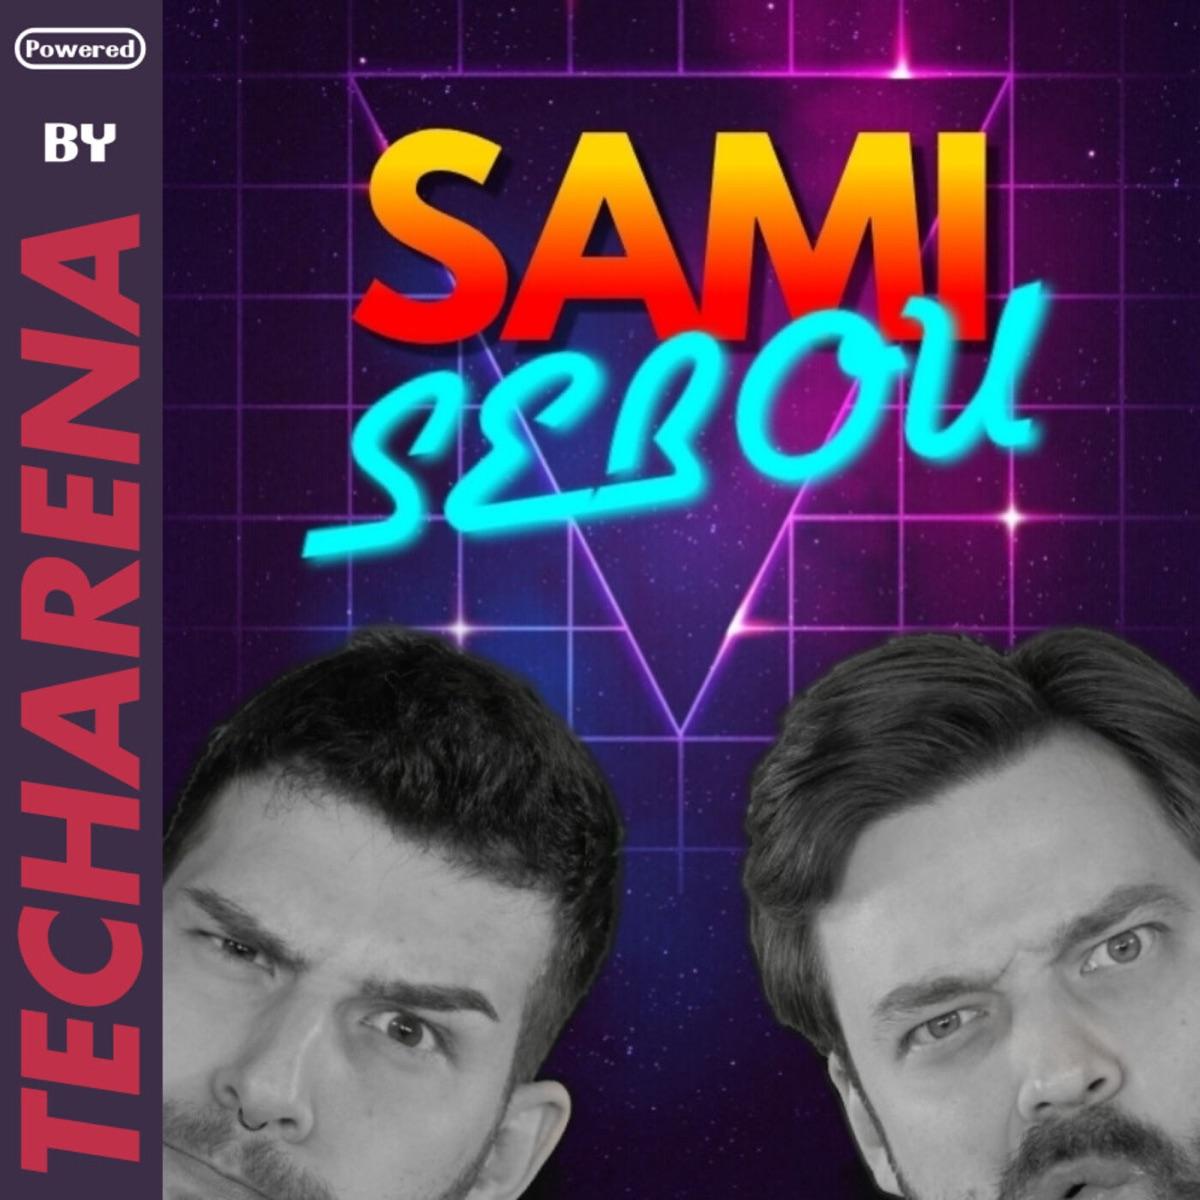 Sami Sebou